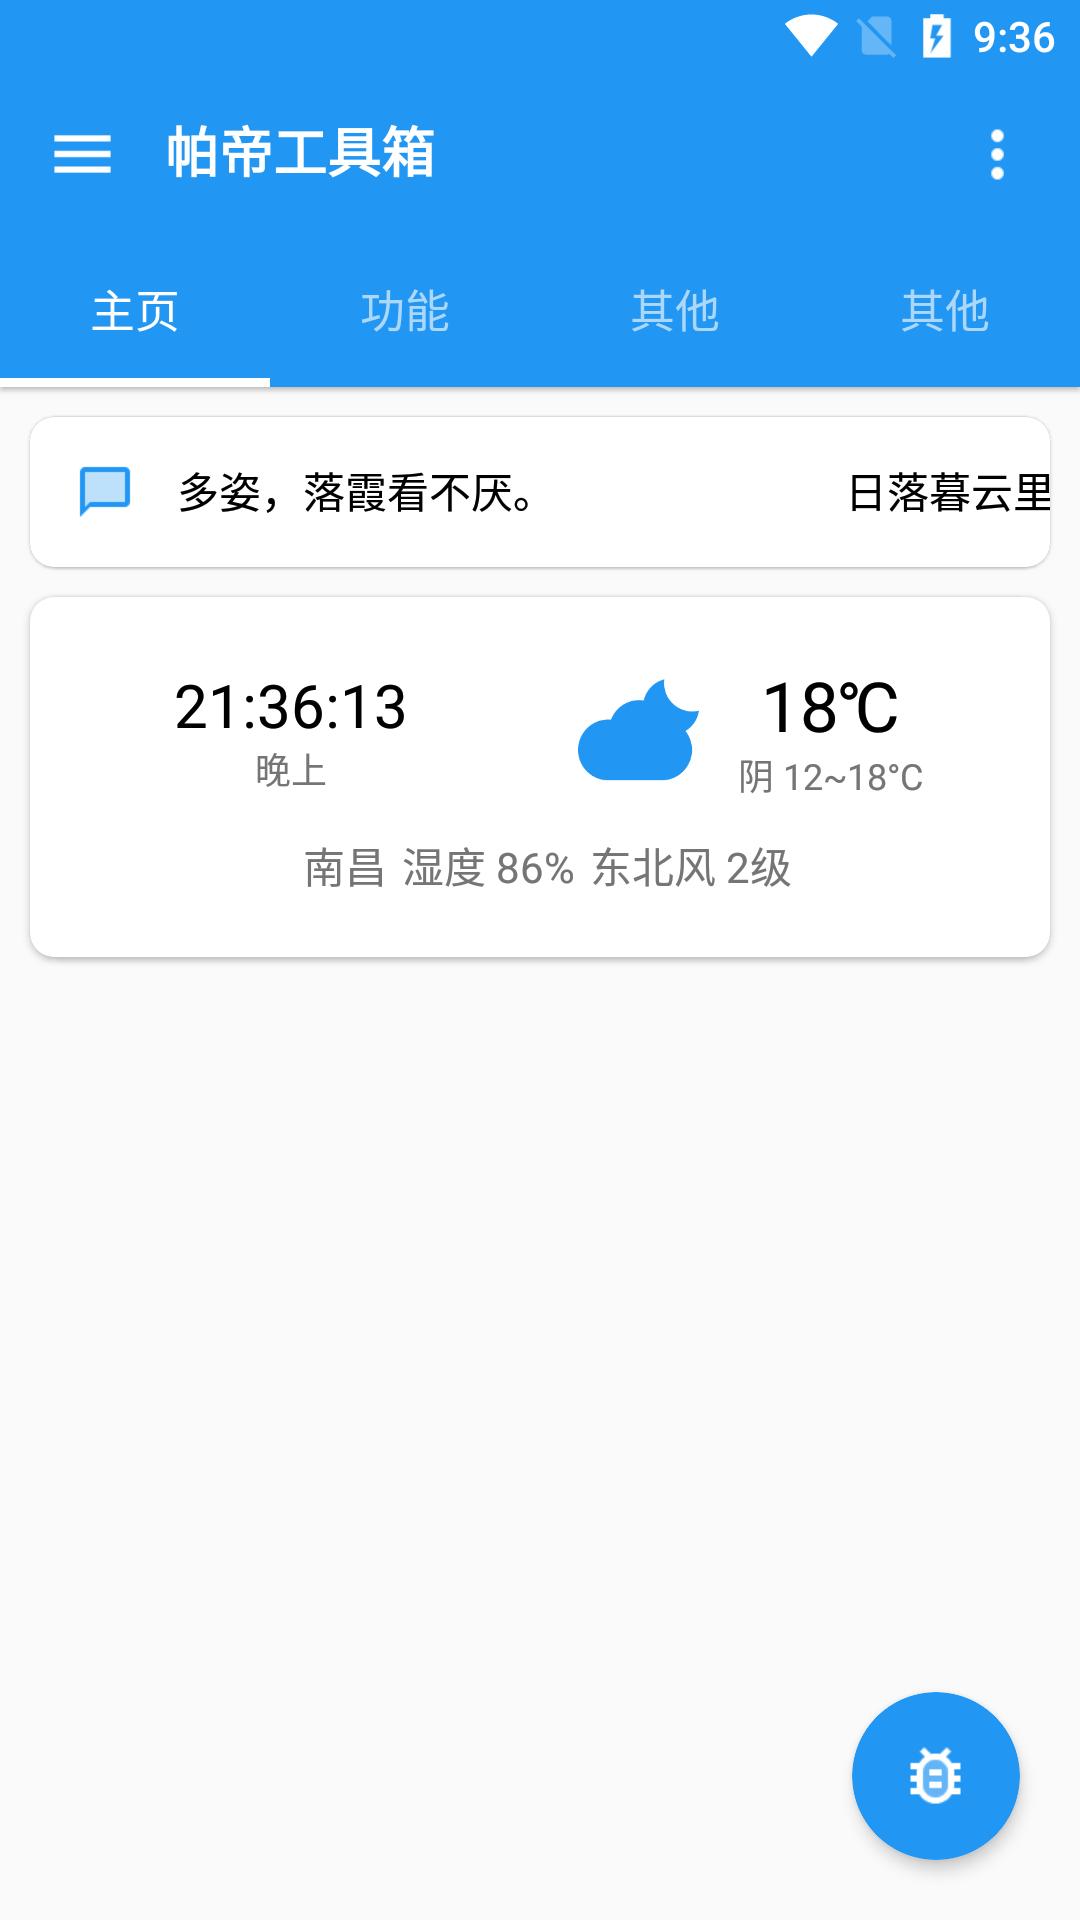 【原创工具】帕帝工具箱(内置云搜素功能)